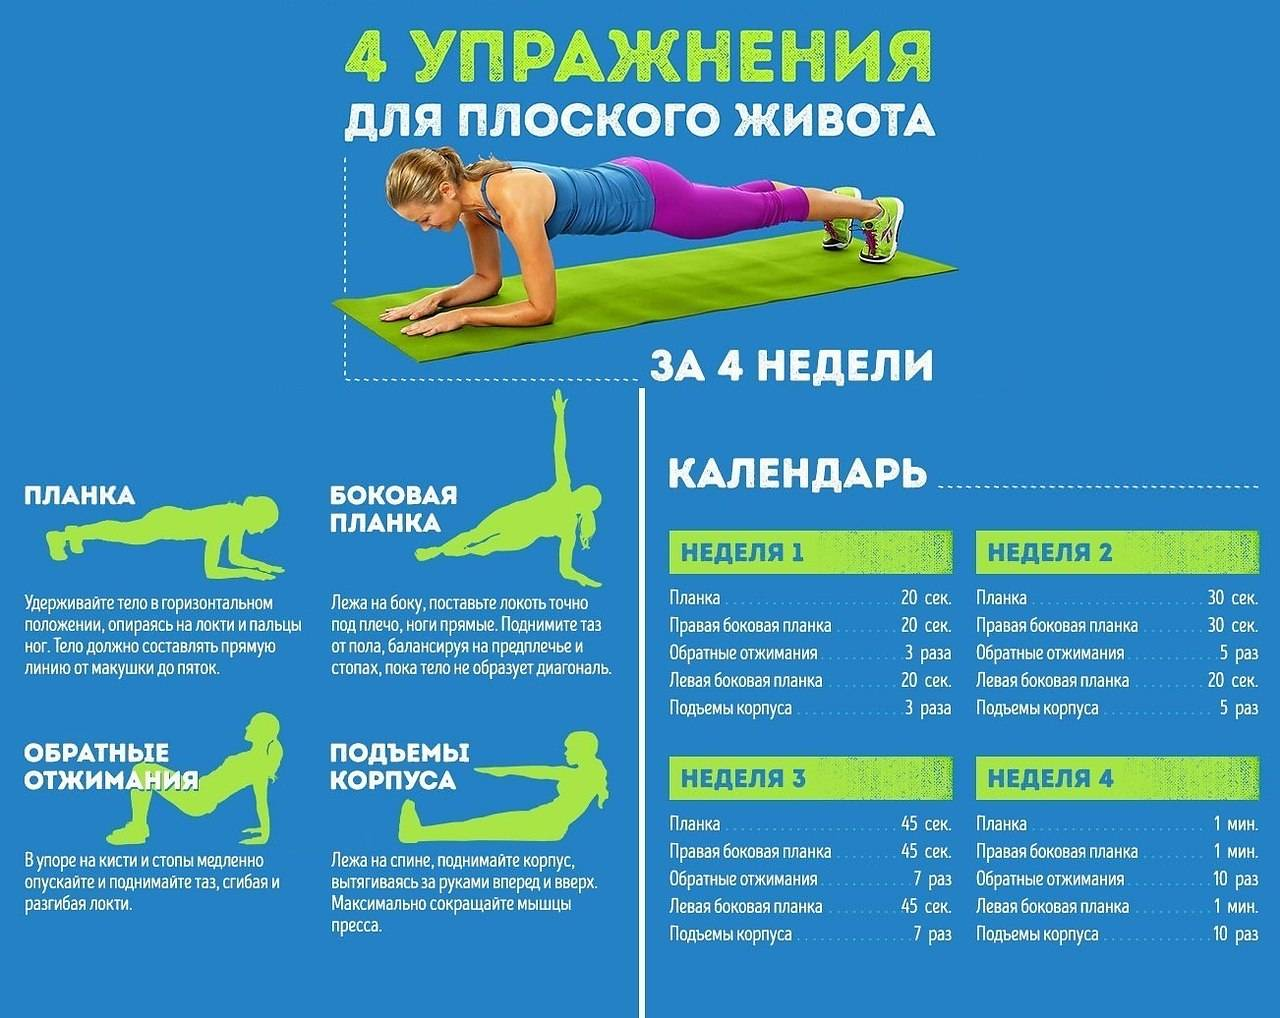 Комплекс упражнений для плоского живота и тонкой талии: секреты похудения и техника выполнения | xn--90acxpqg.xn--p1ai